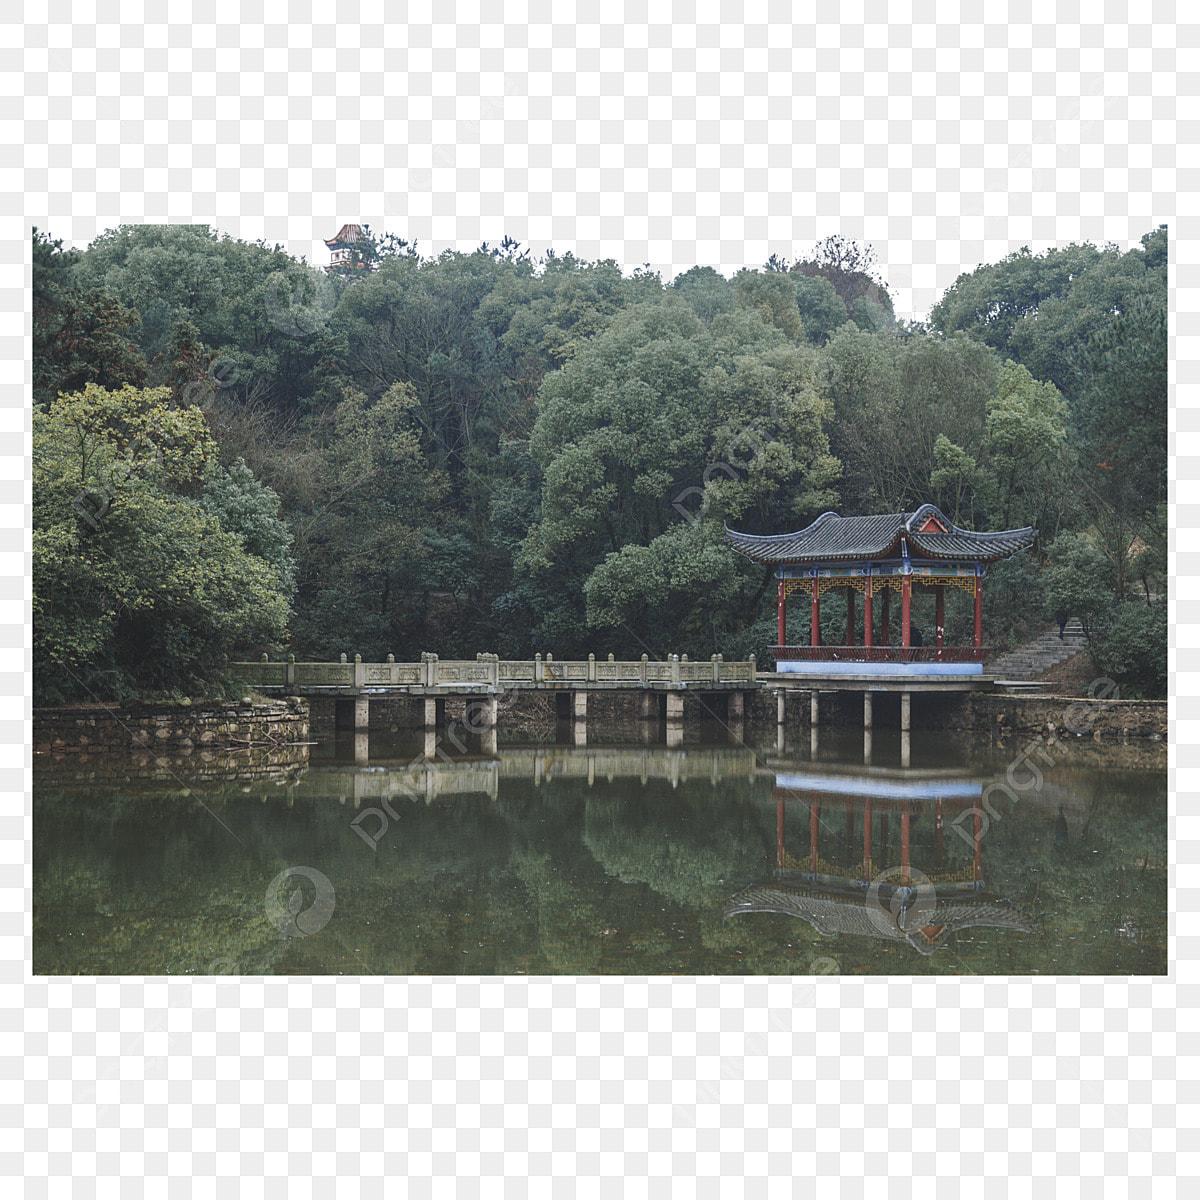 Architecte Jardin 3D Gratuit paysage jardin jardin paysage promenade, sens du design